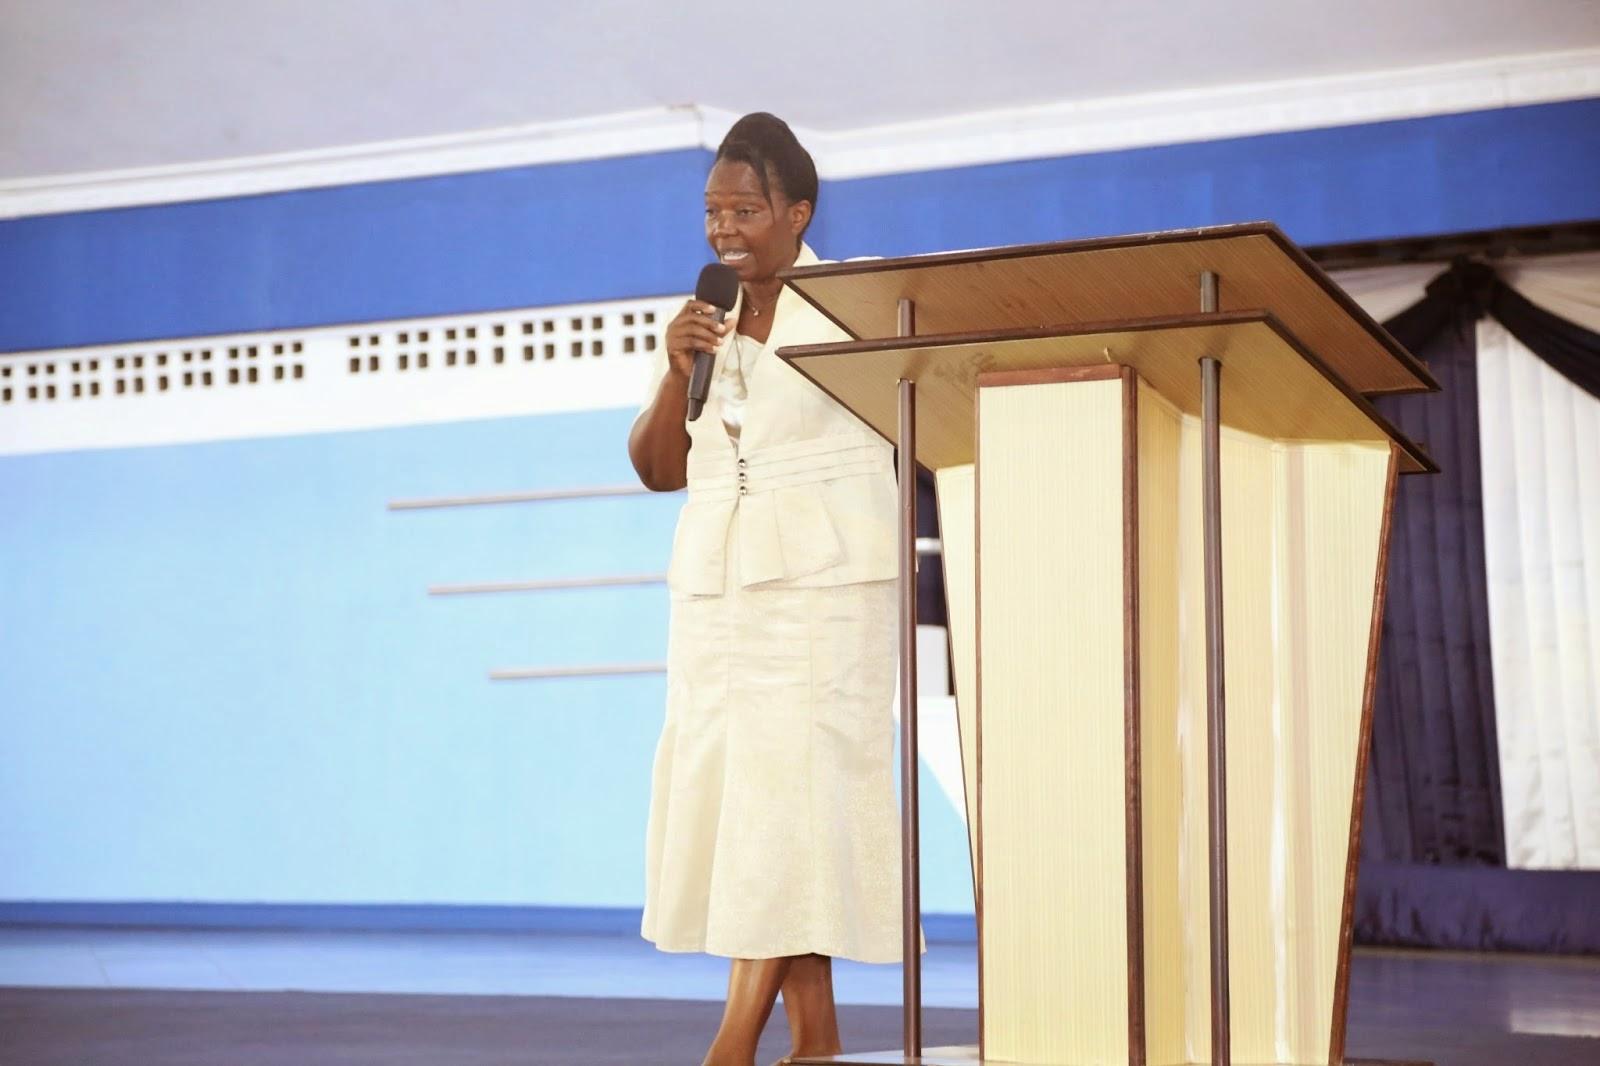 EFATHA MWENGE: JAMBO LOLOTE ULILOAZIMIA KATIMA MTEMBEO WA MUNGU MWAKA HUU LIKATIMIE KWAKO